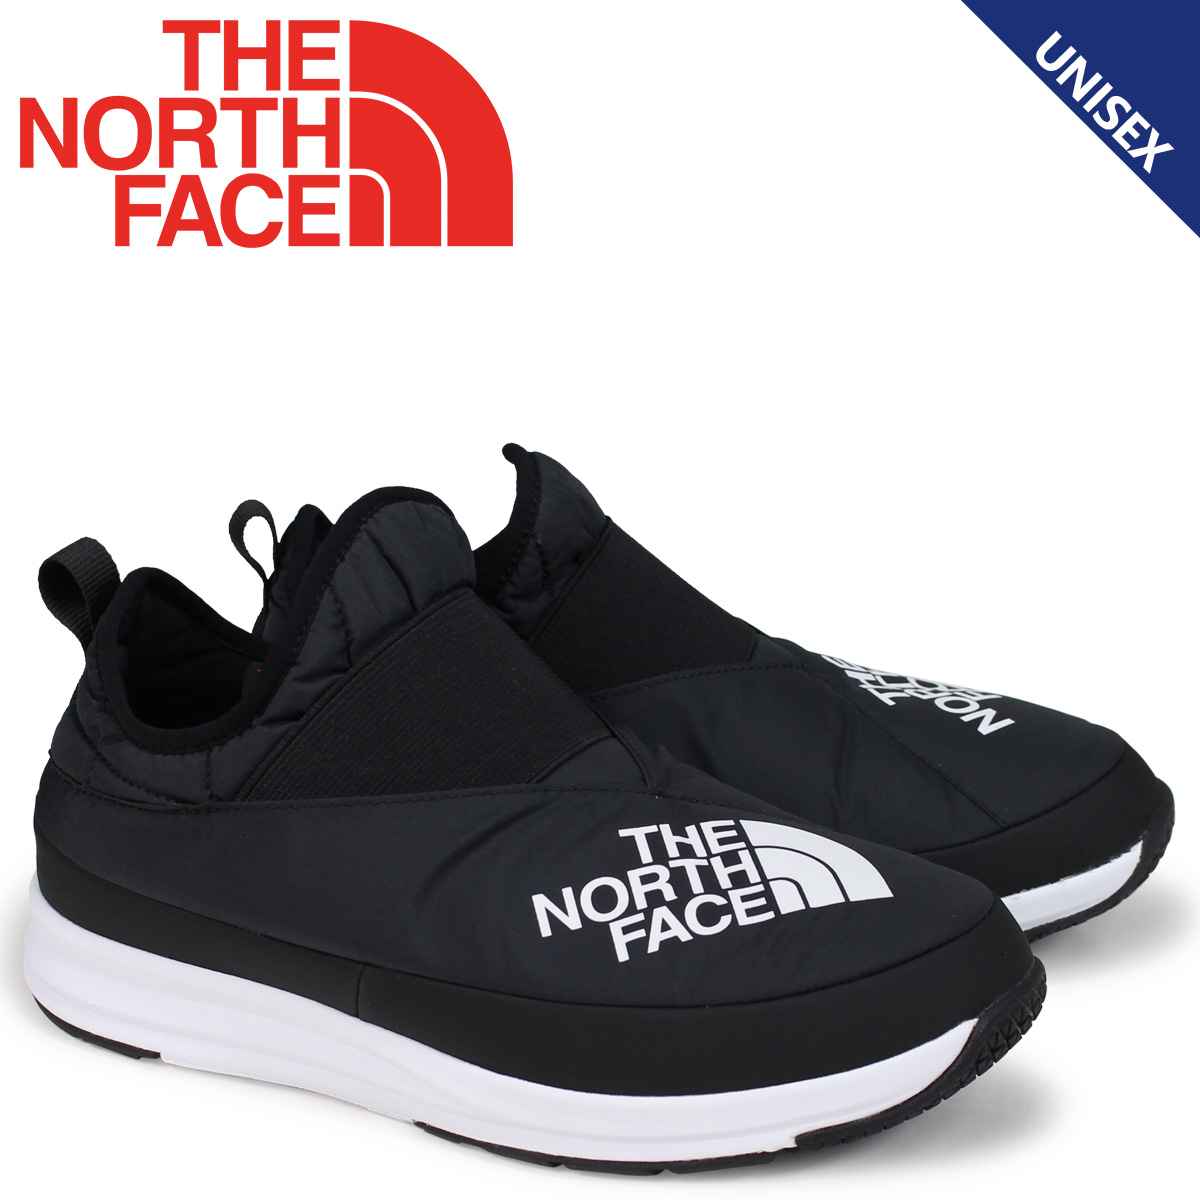 ノースフェイス THE NORTH FACE ヌプシ トランクション スニーカー シューズ メンズ レディース NUPTSE TRACTION LIGHT MOC 3 KIMONO ブラック NF51885 [9/21 新入荷]